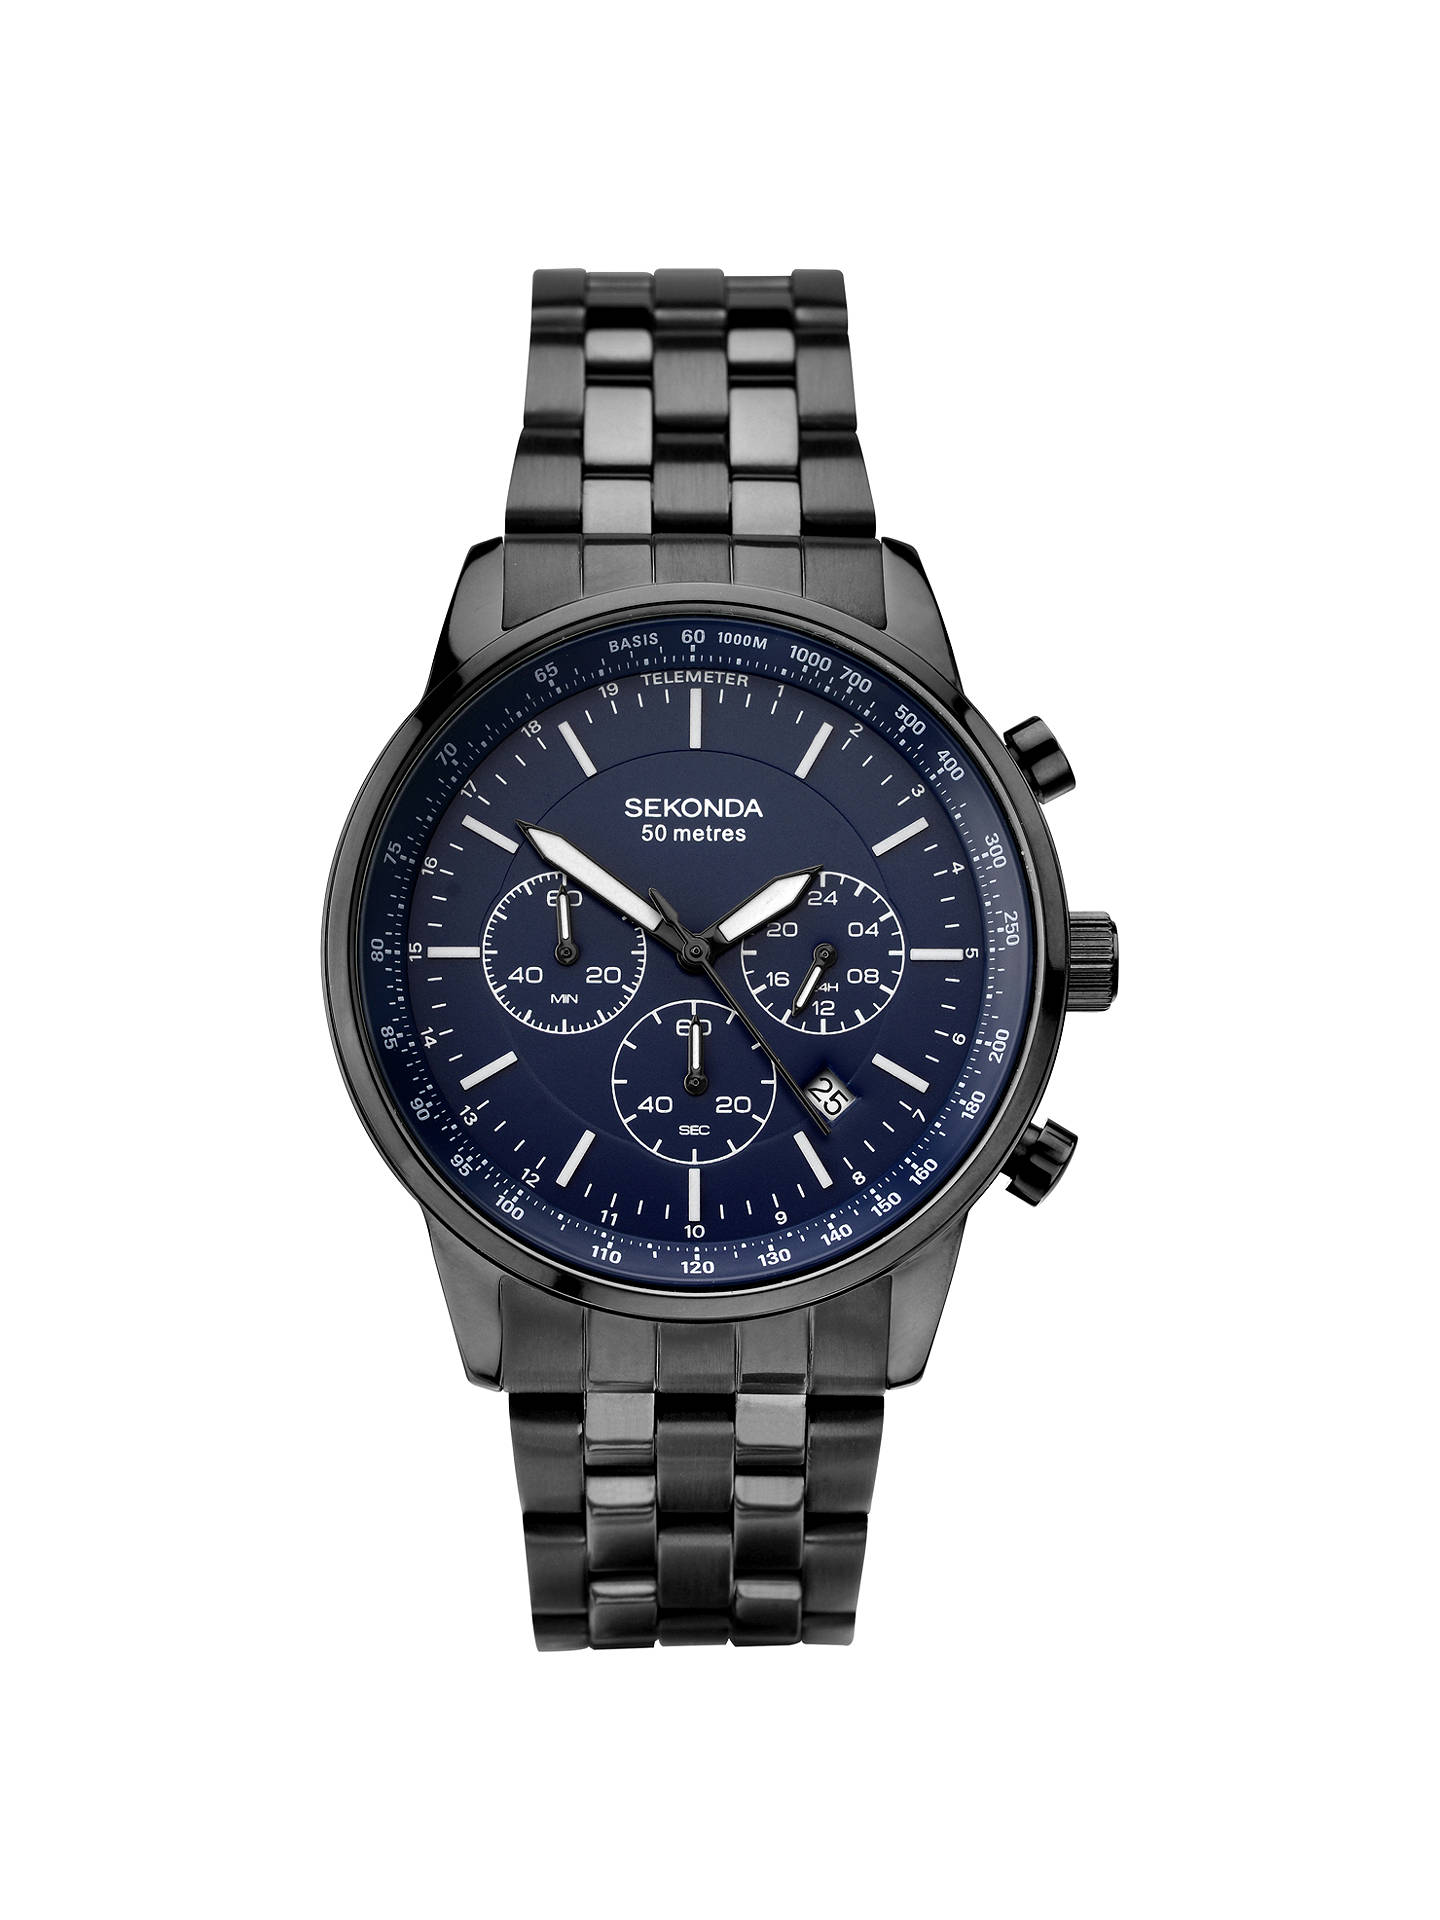 d6fcaf7a4d6d Buy Sekonda 1376.27 Men s Chronograph Date Bracelet Strap Watch